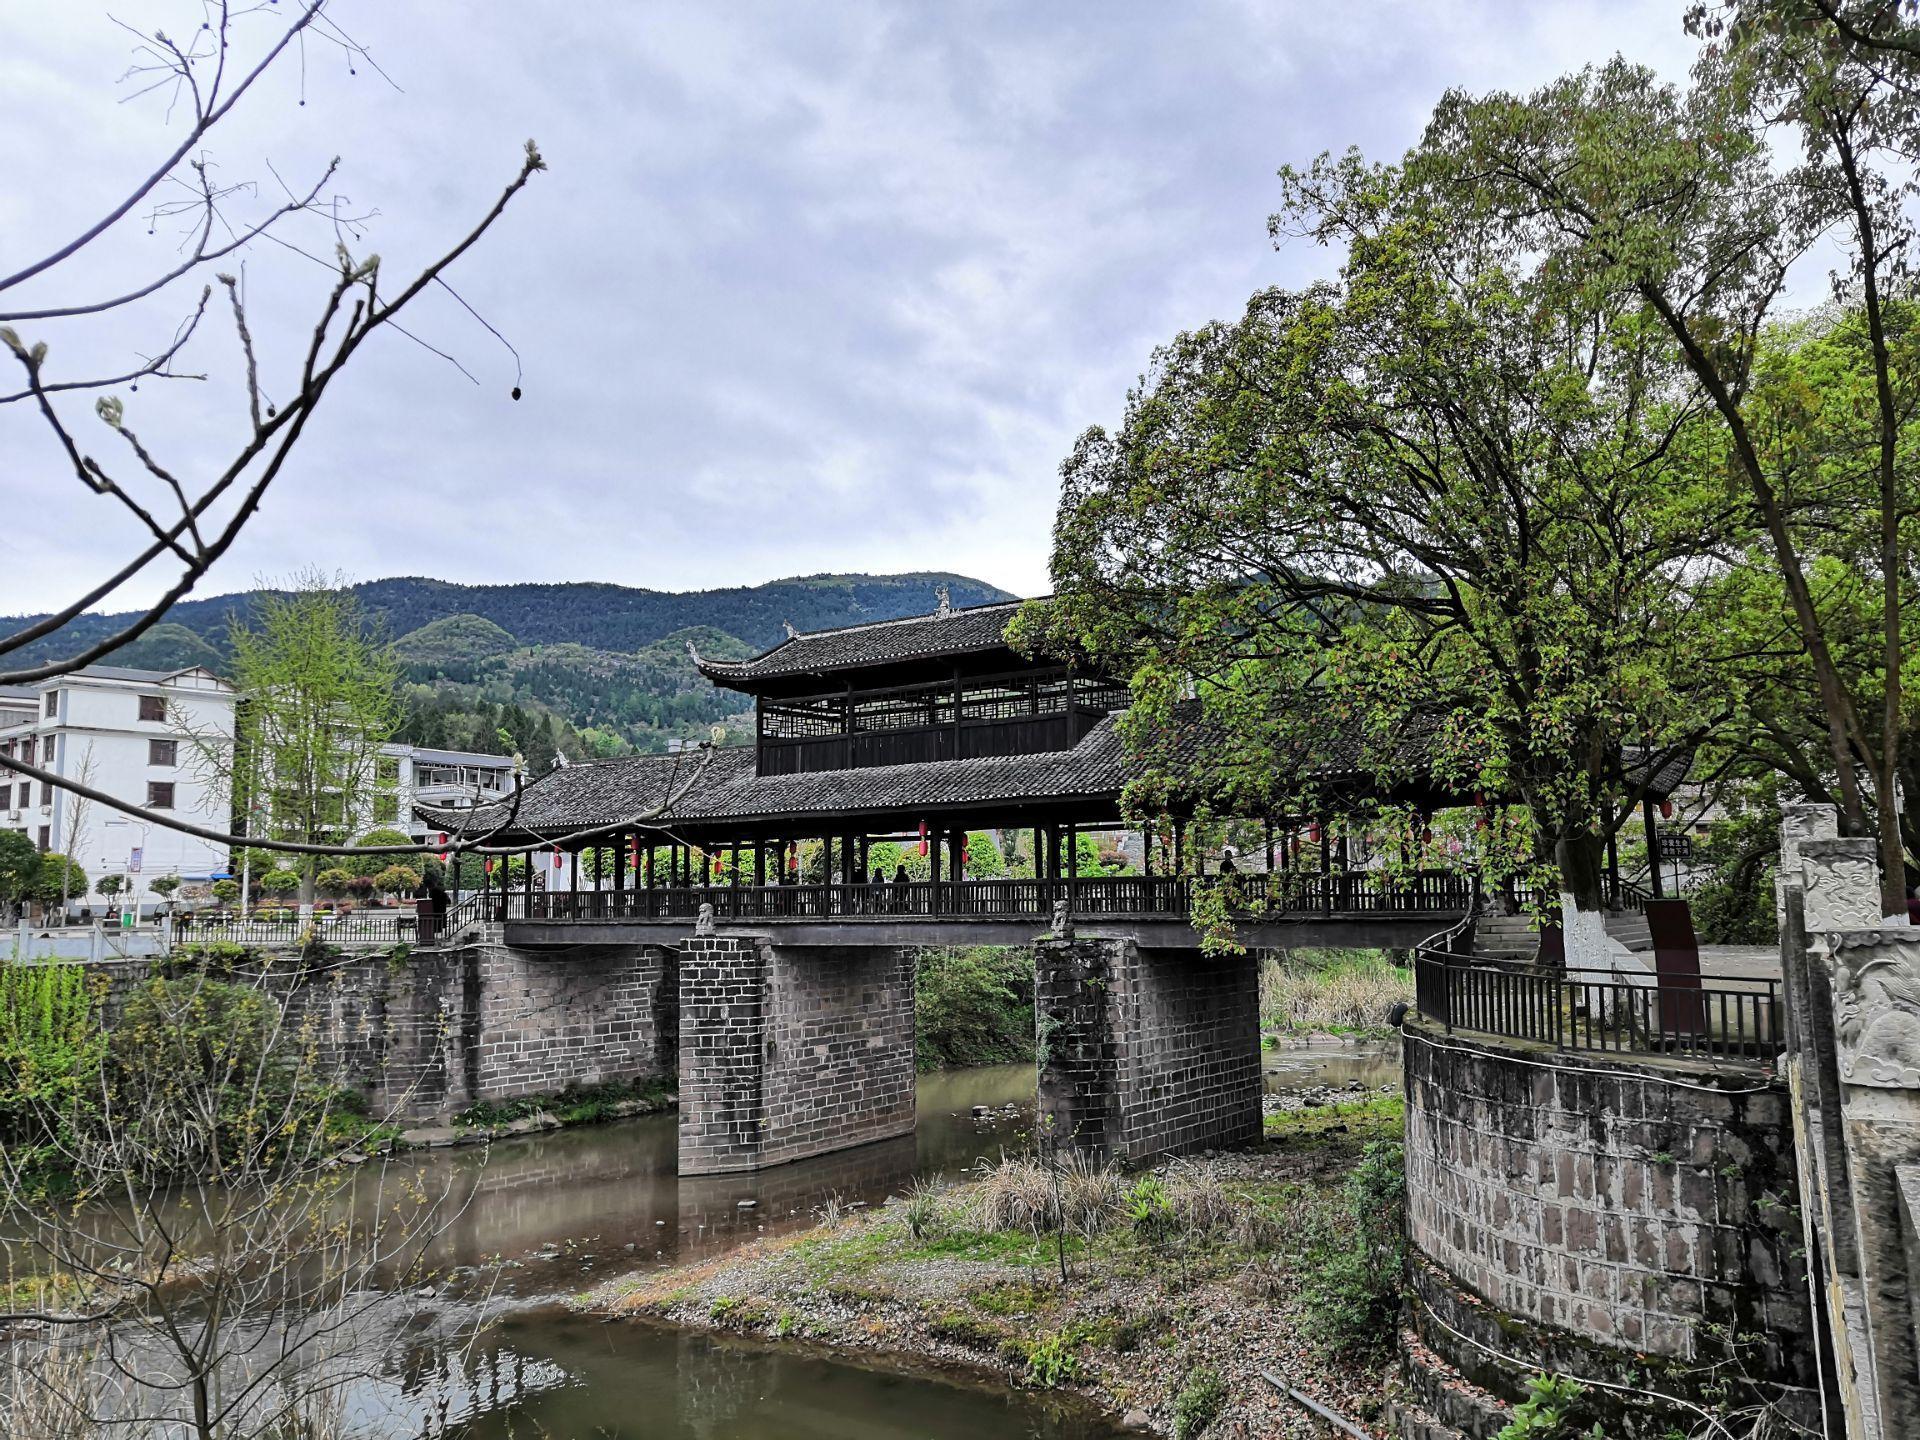 Helong Bridge